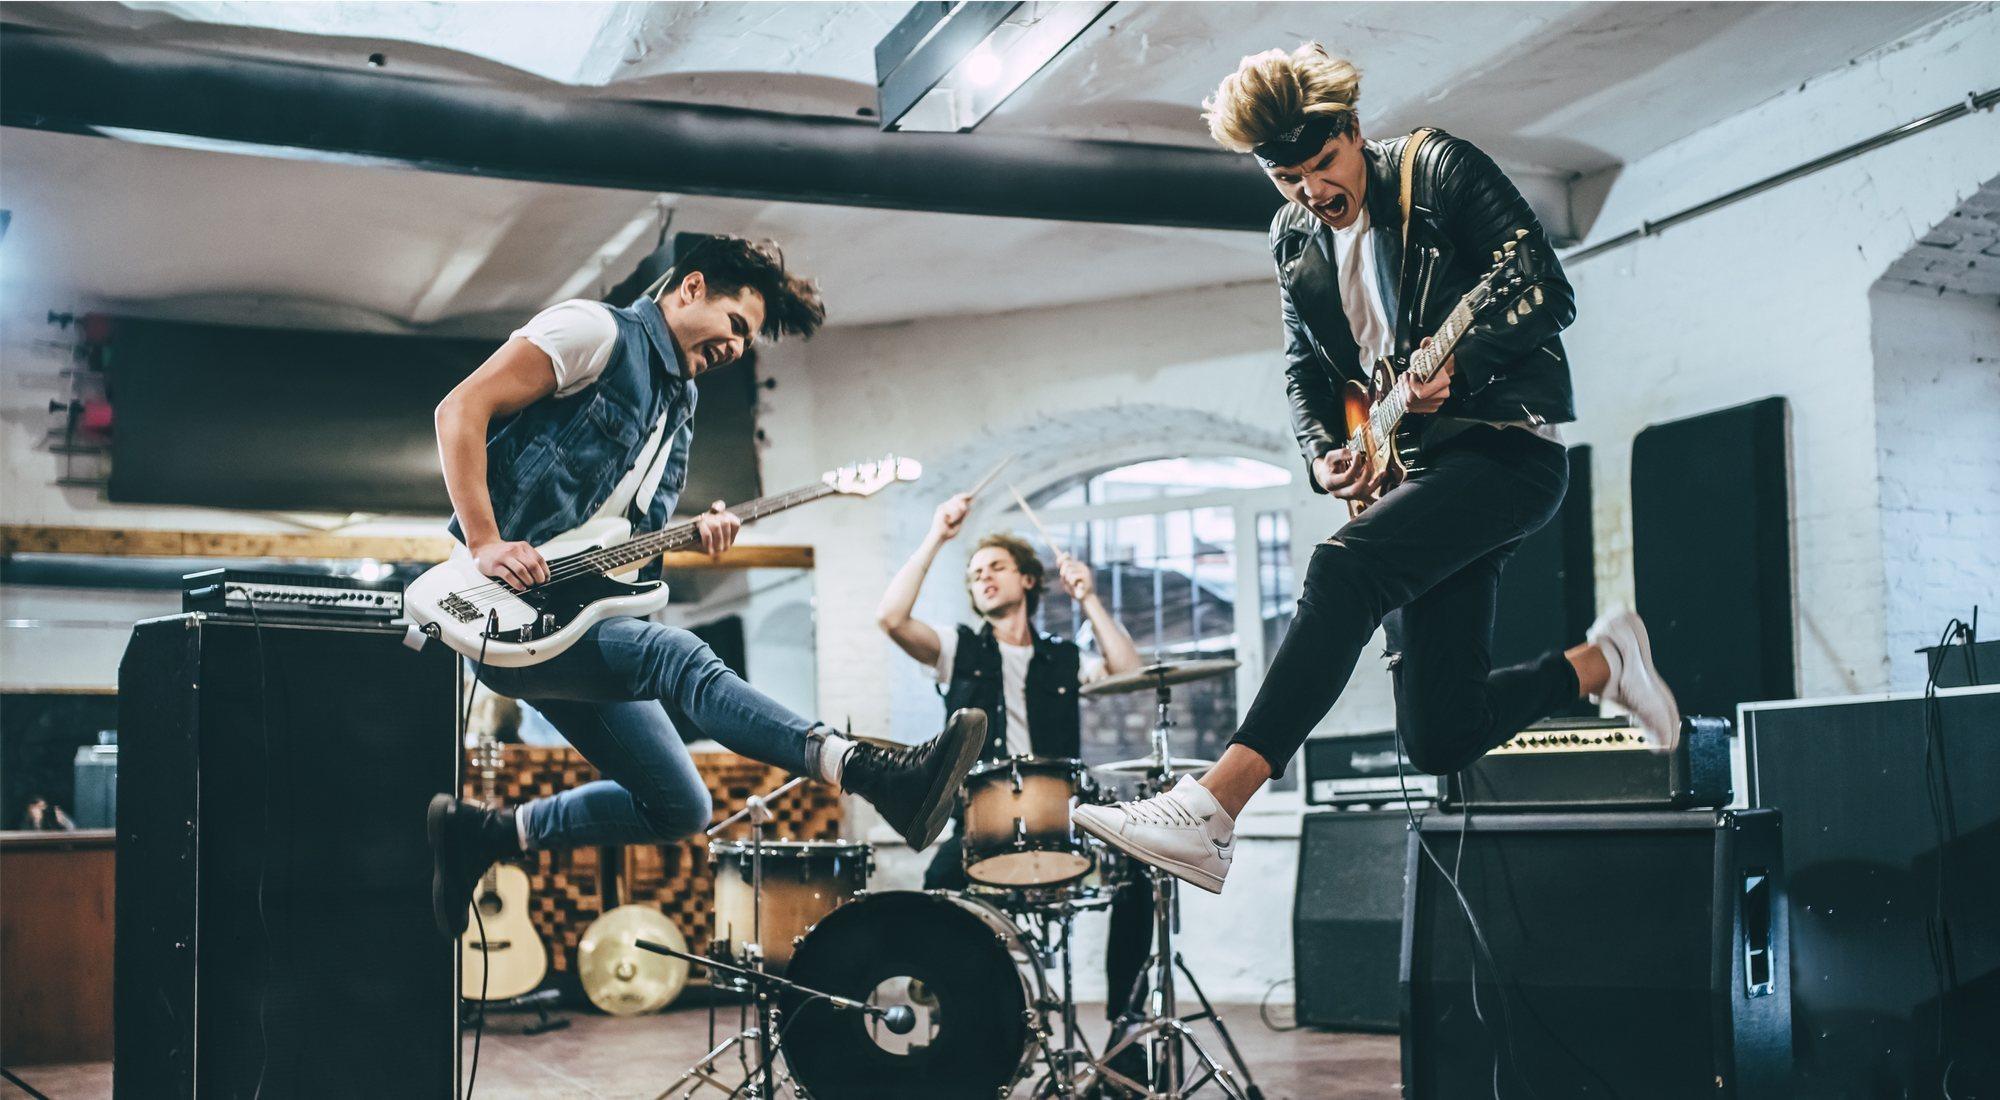 La vida del músico: preguntas y respuestas para conocer la realidad de la industria musical